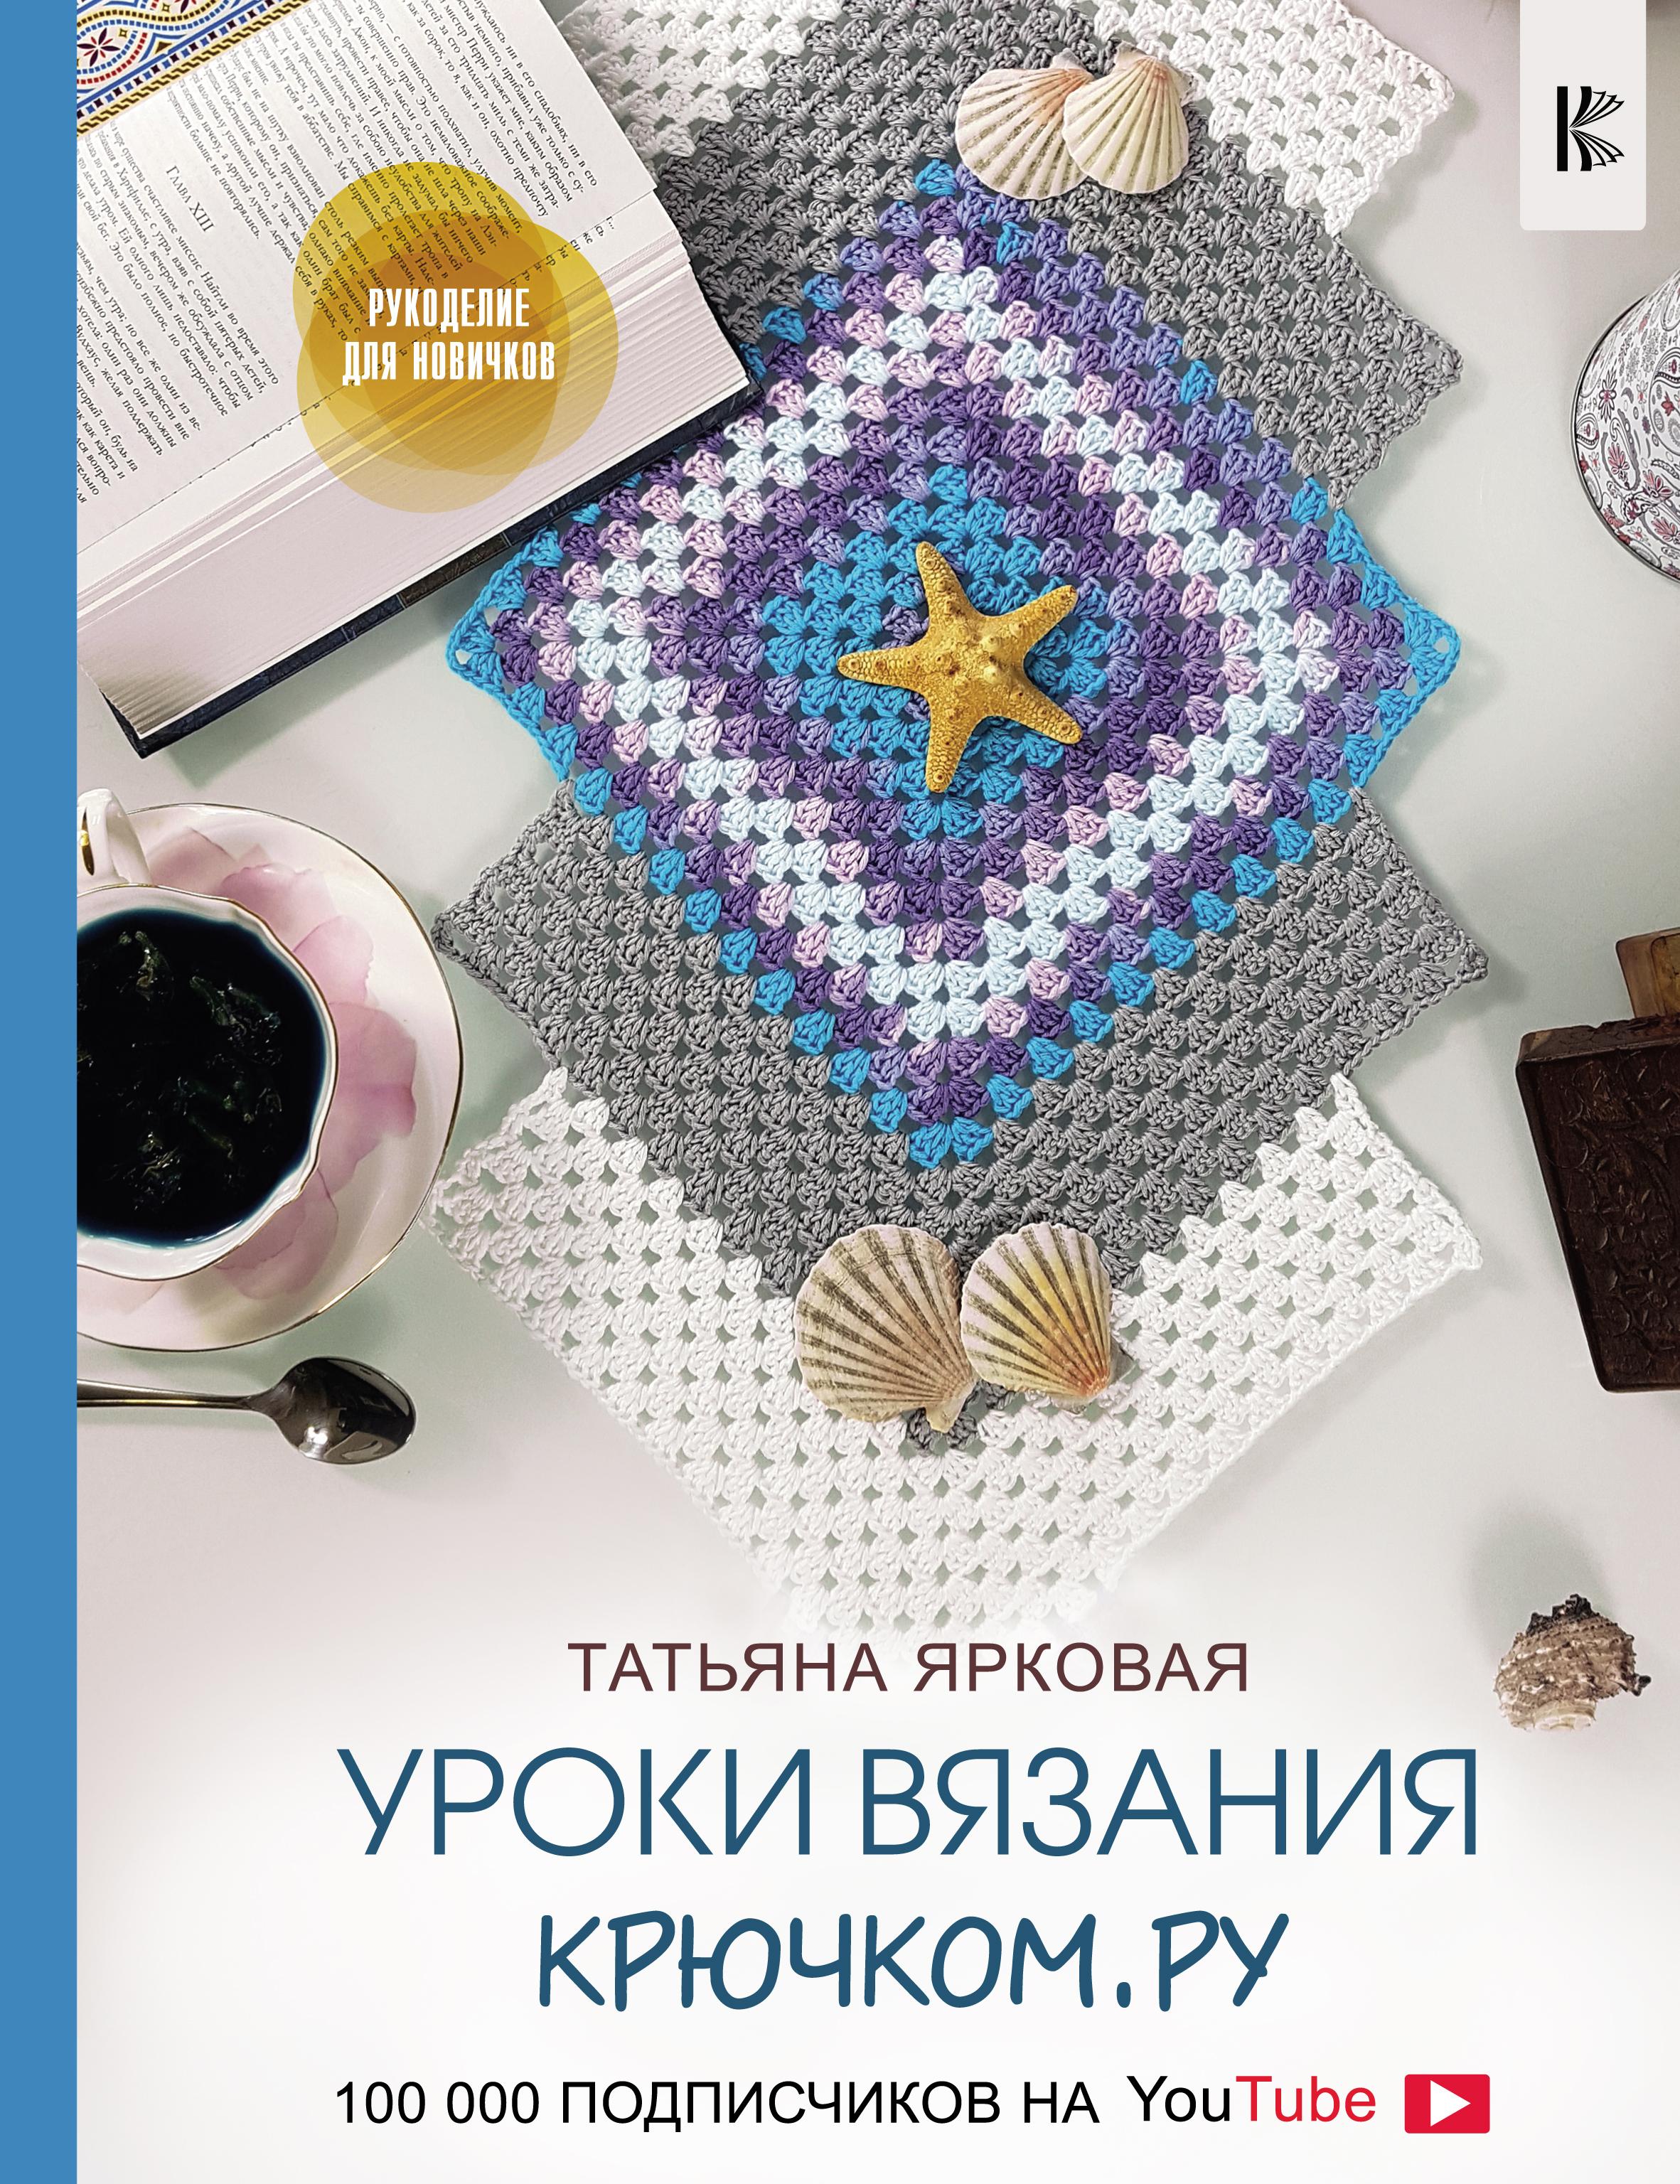 Татьяна Ярковая Уроки вязания Крючком.ру татьяна ярковая уроки вязания крючком ру